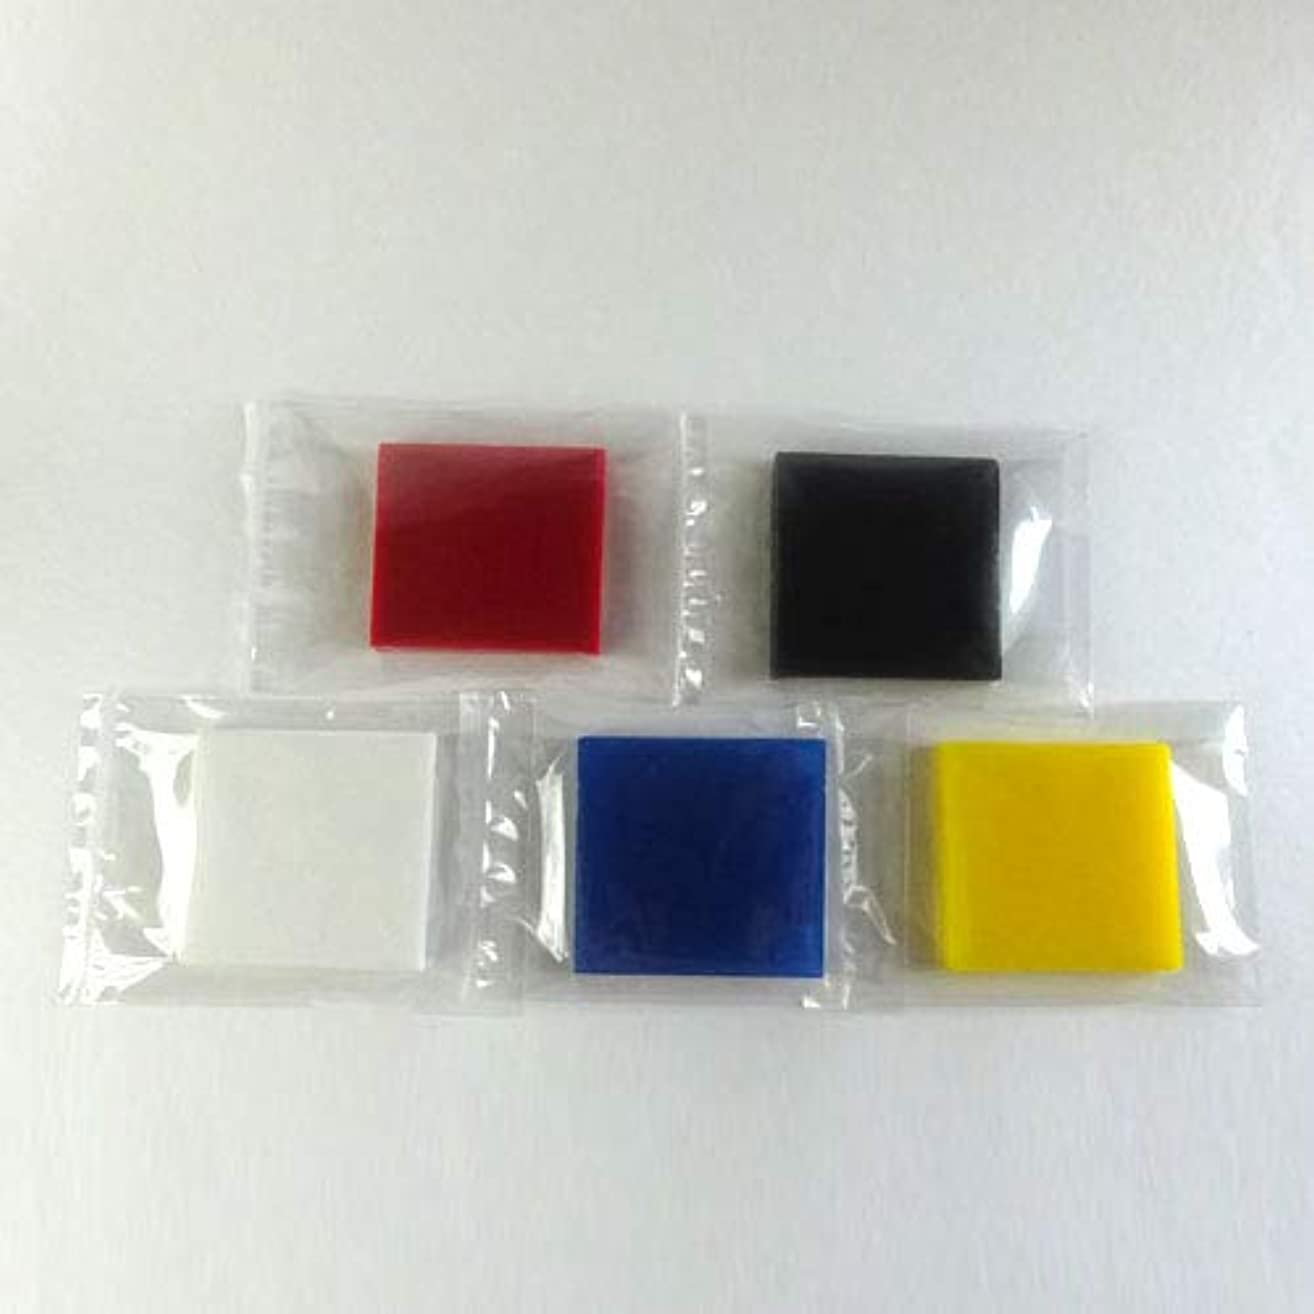 シェルスナップねじれグリセリンソープ MPソープ 色チップ 5色(赤?青?黄?白?黒) 各30g